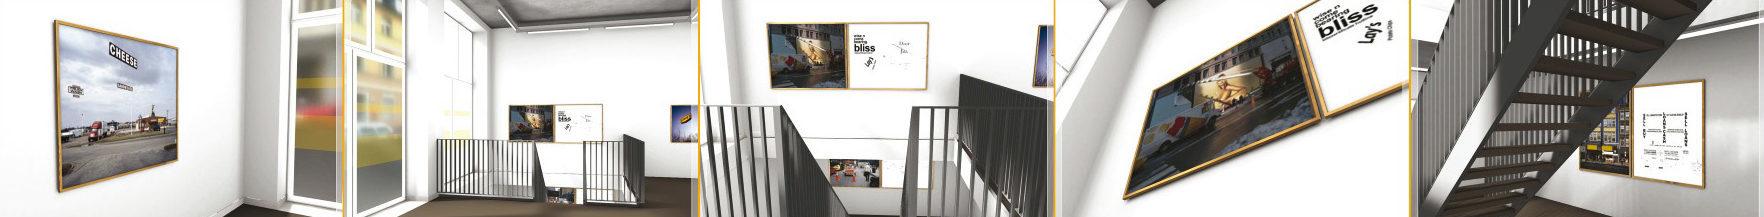 Ansichten der Virtuelle Galerie